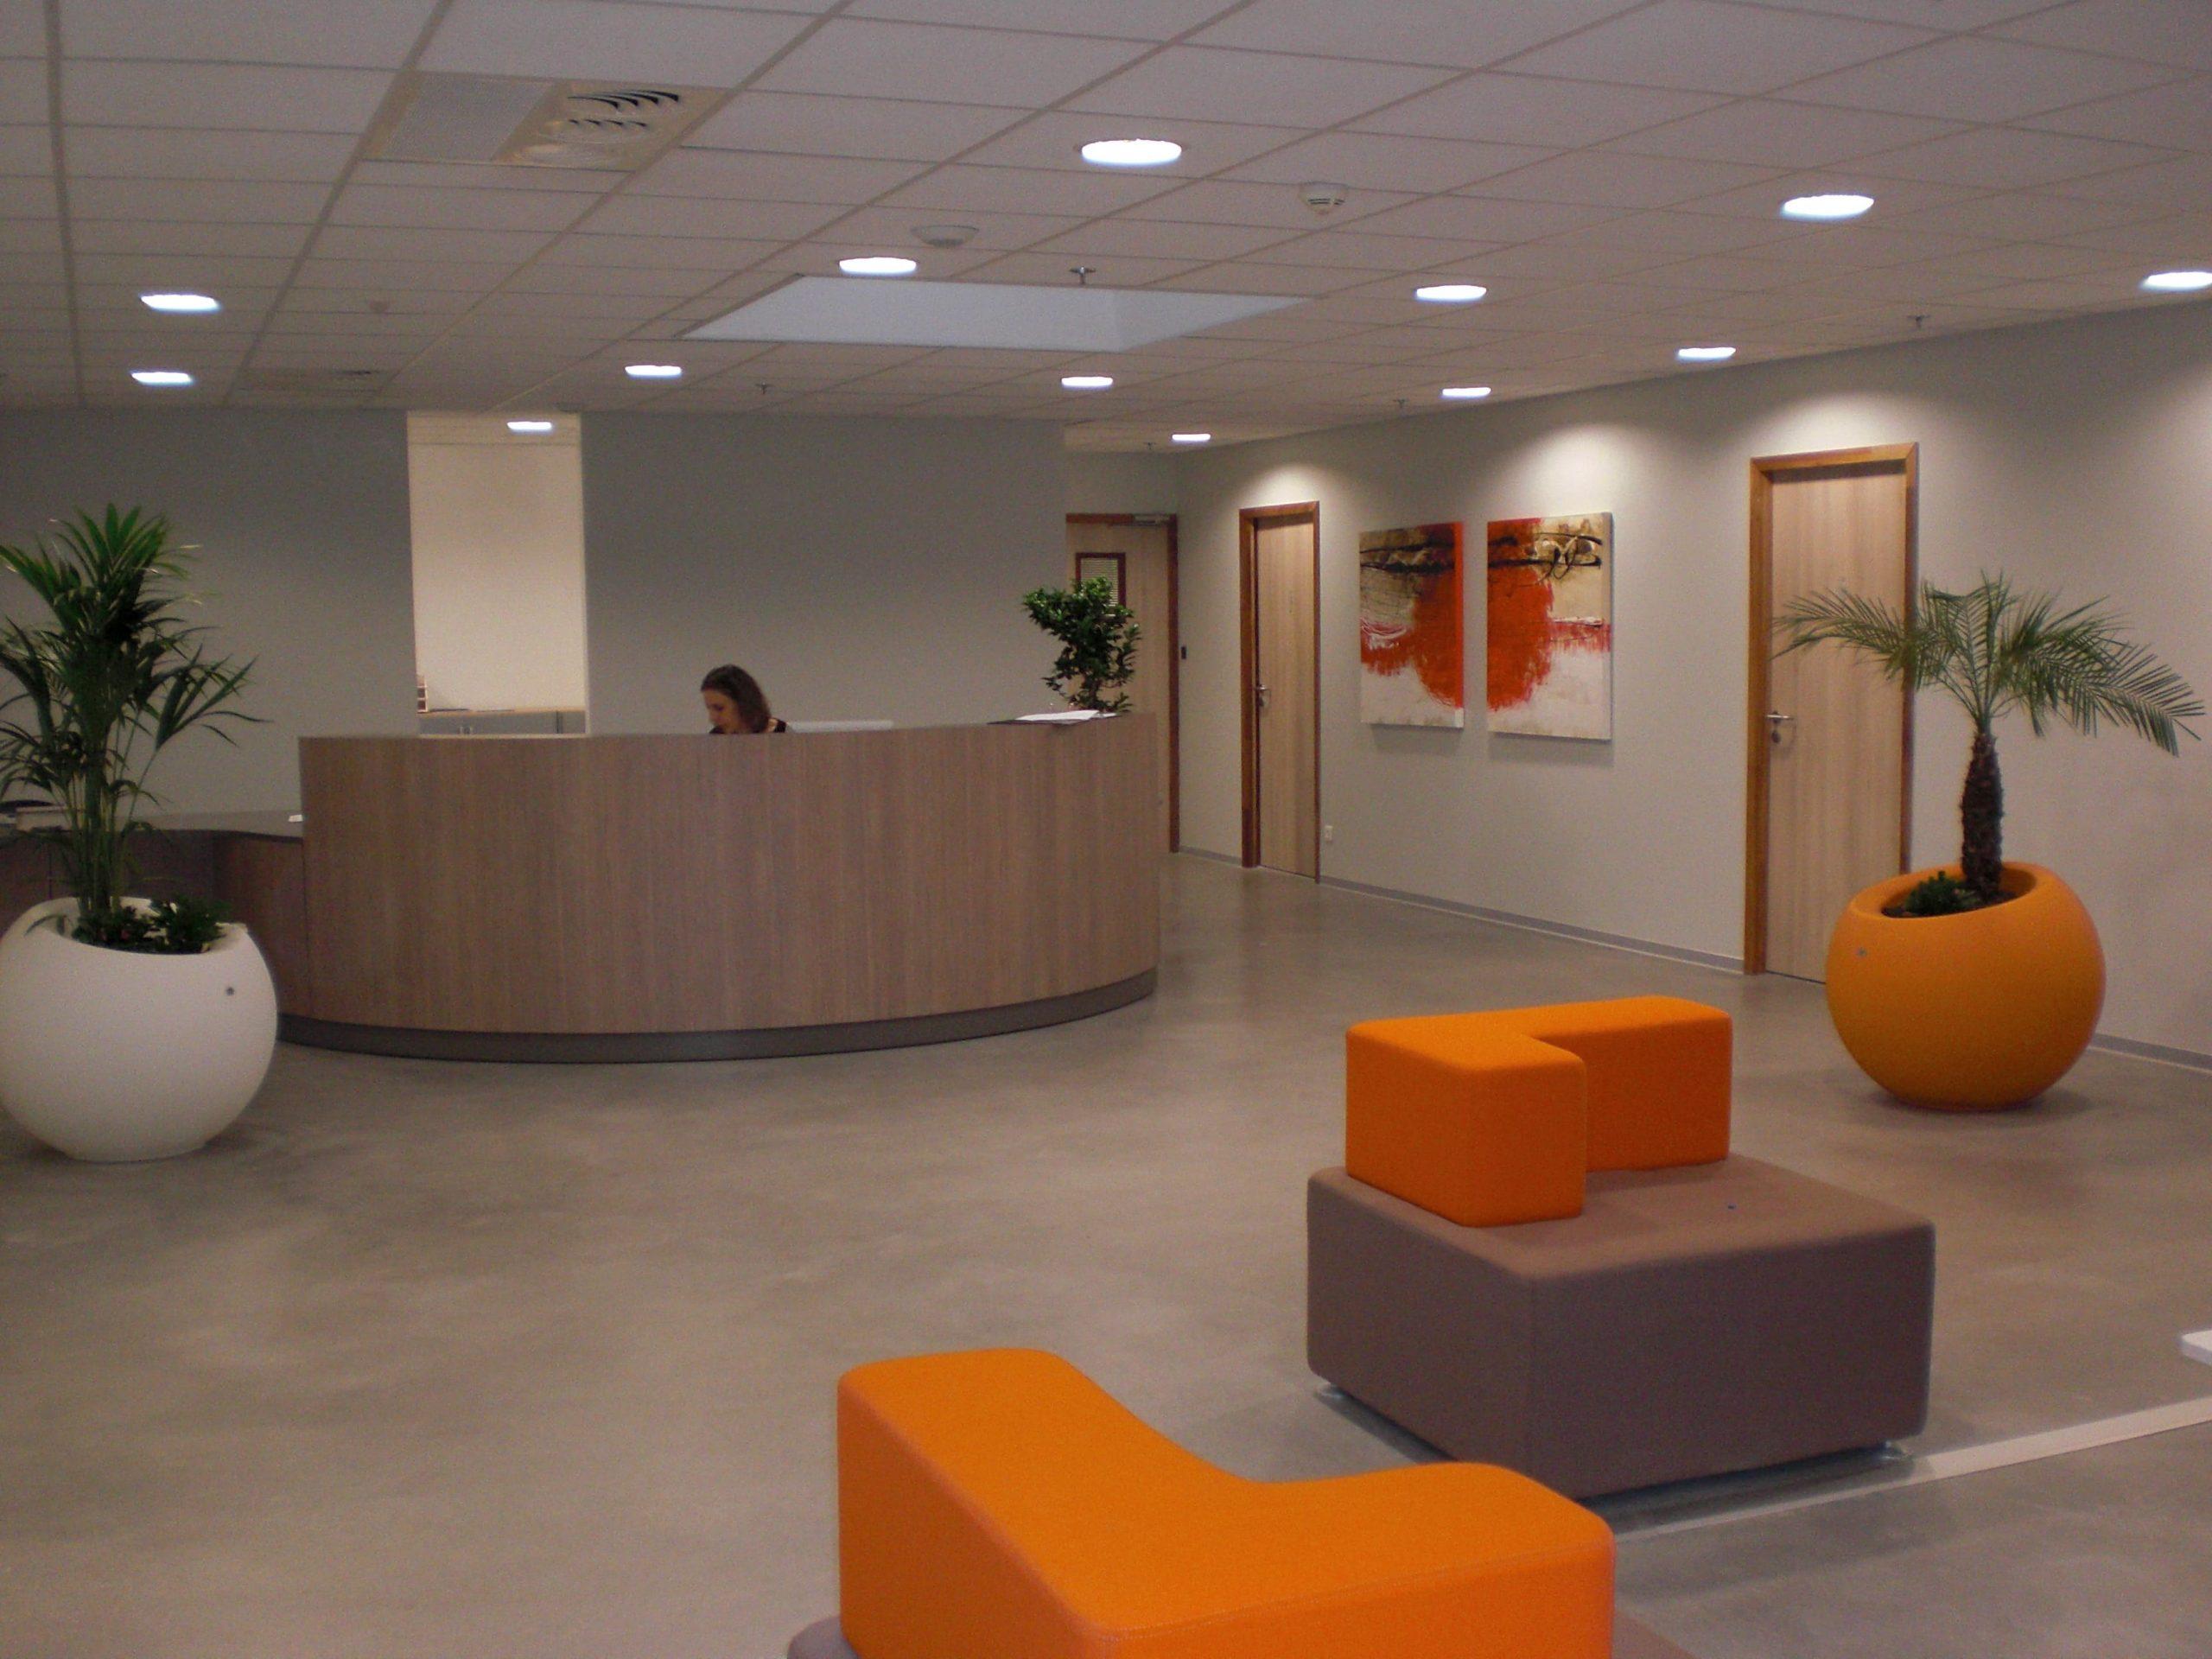 Espace accueil des bureaux du Leclerc Les Portes d'Albi agencé par SAFRA Agencement